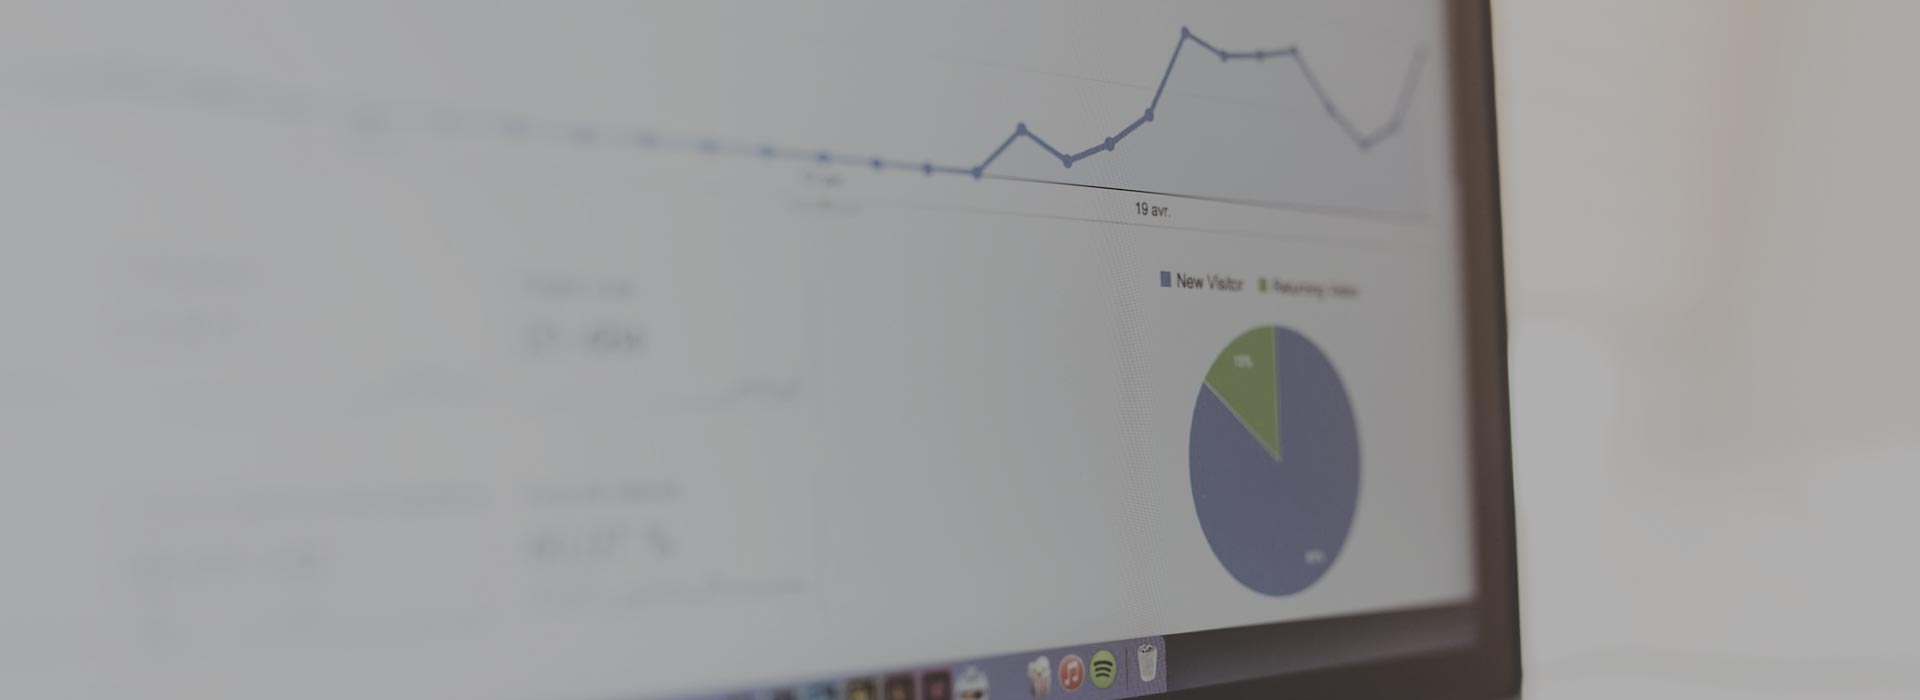 optimizacija spletnih strani studio terčon